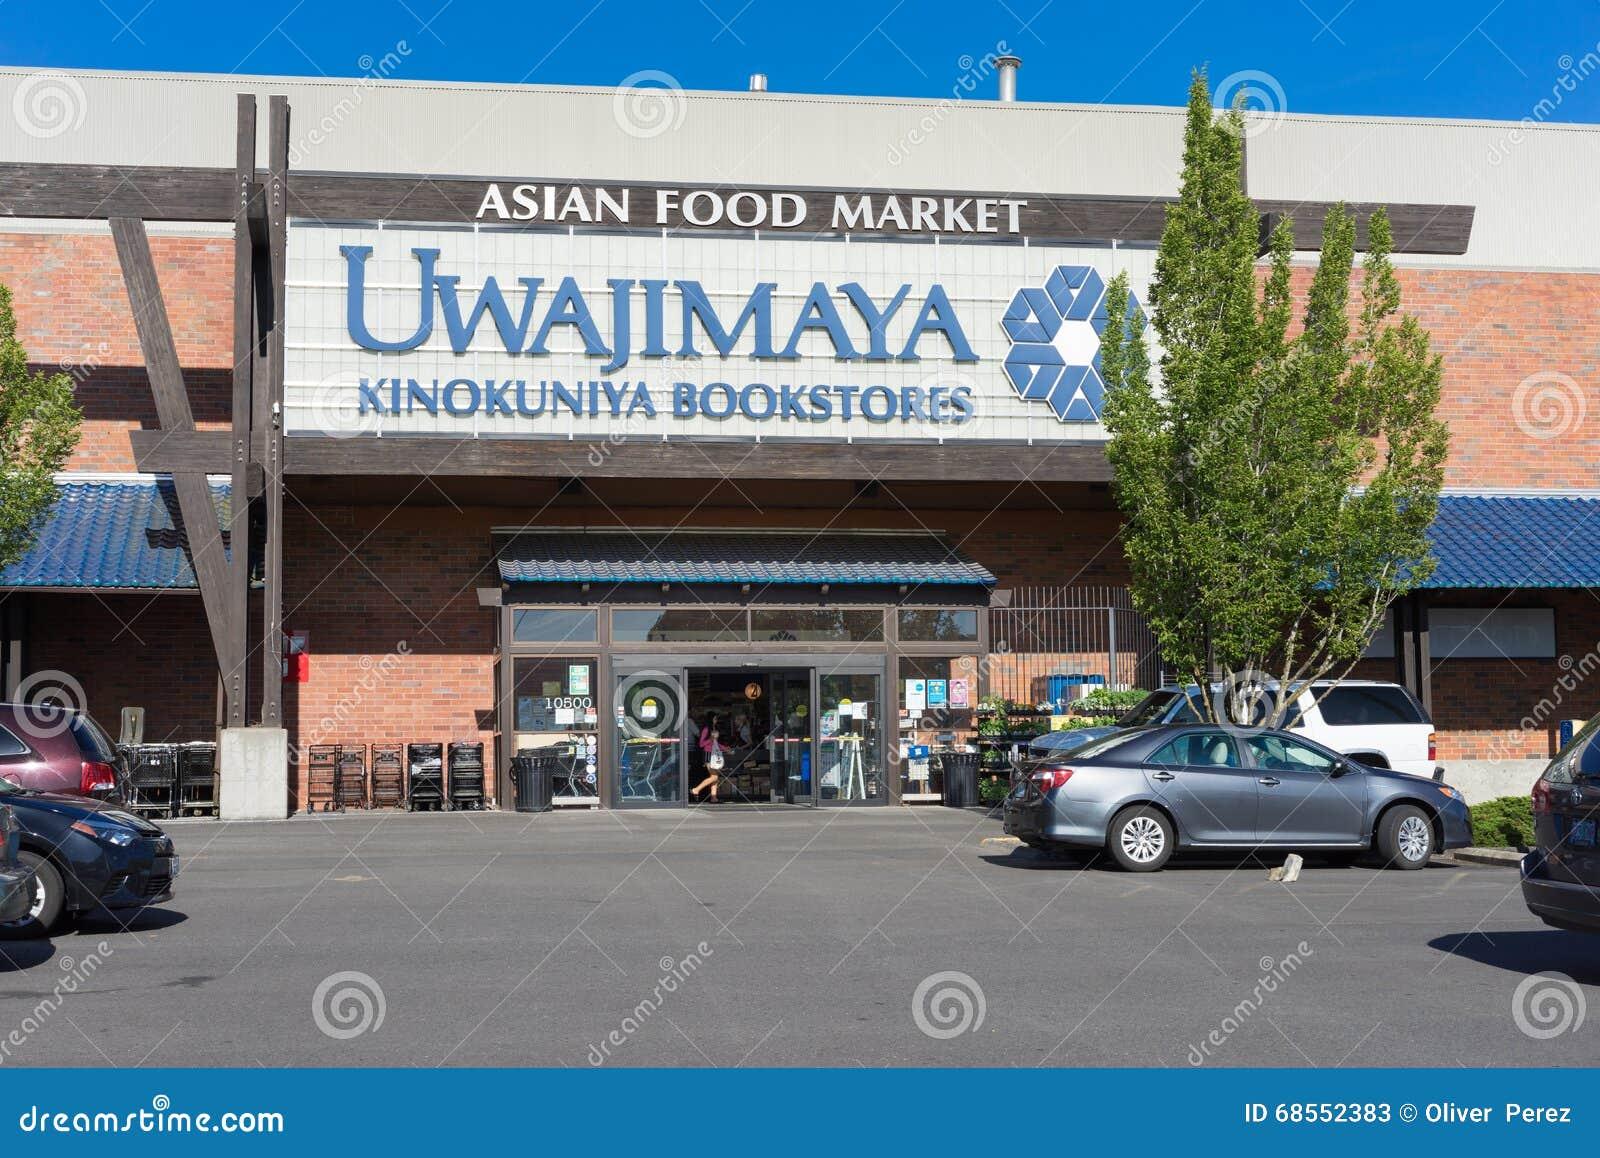 Portland Oregon Specialty Food Stores